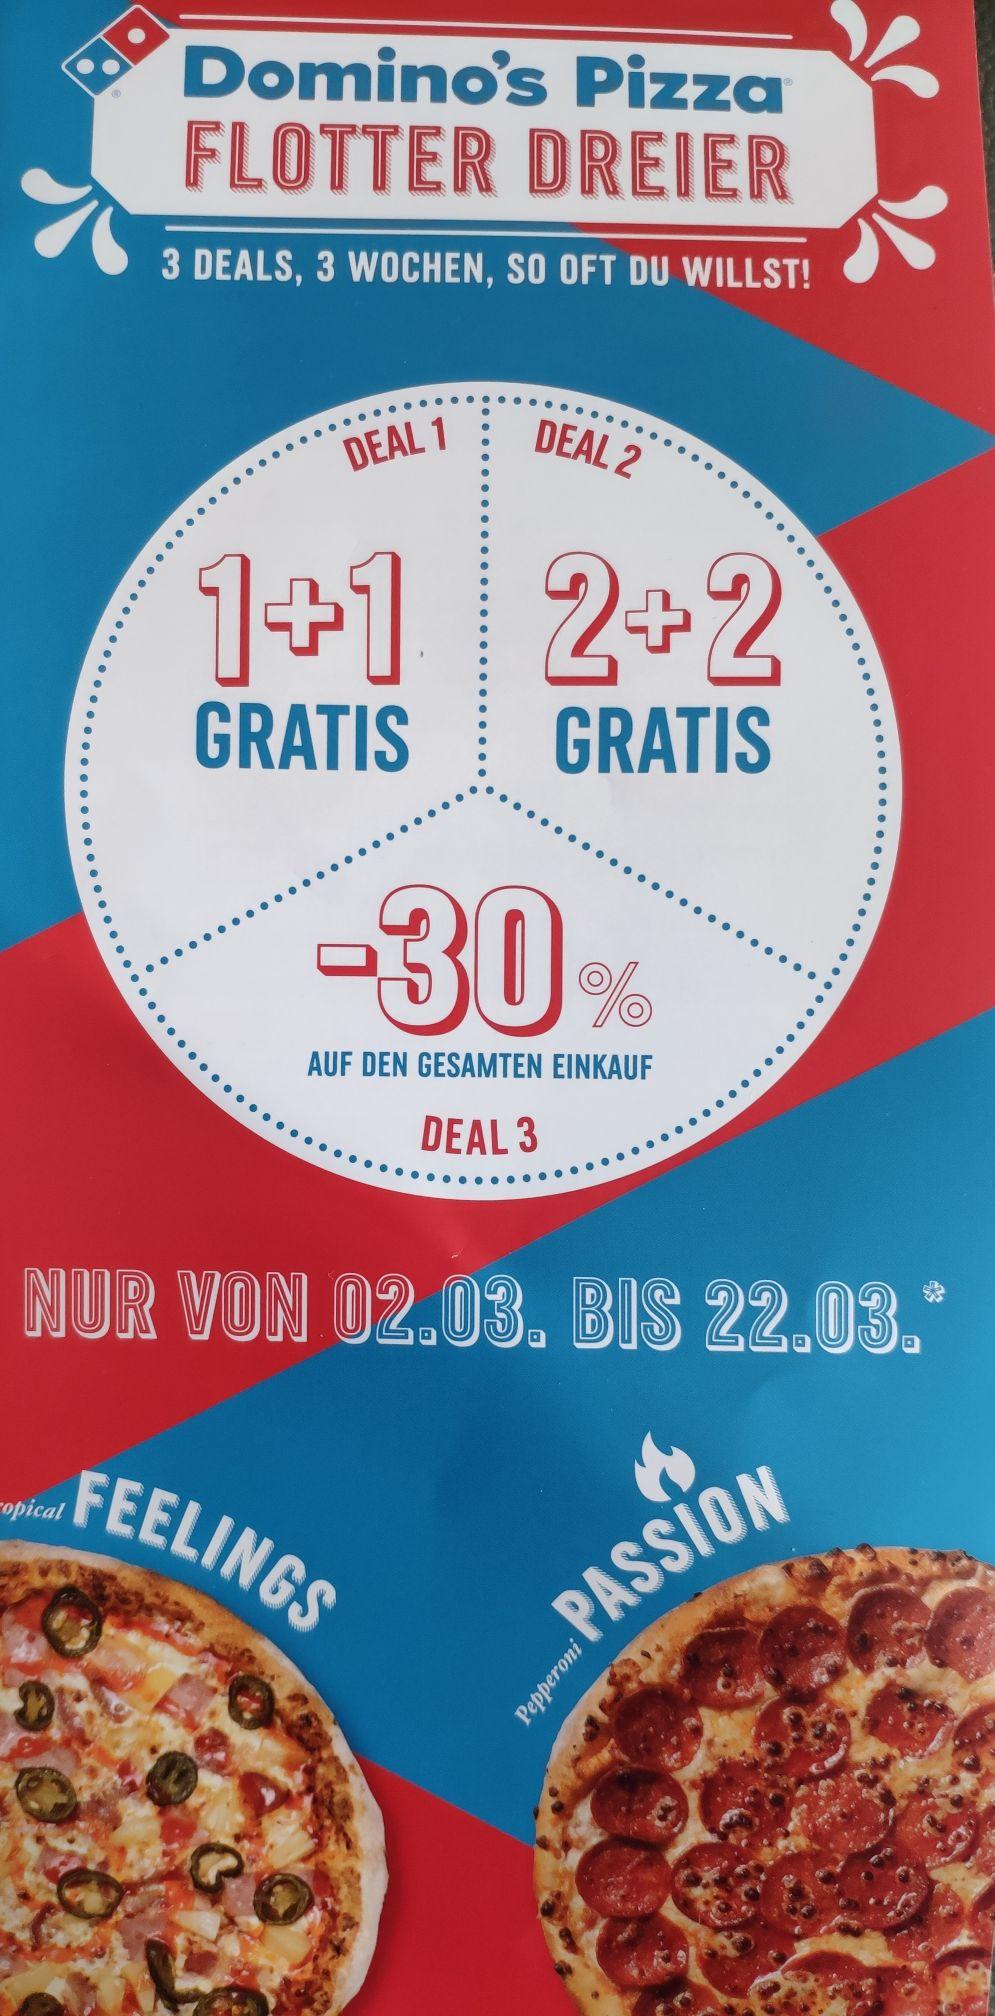 Dominos Pizza 1+1 Gratis, 2+2 Gratis, 30% auf Gesamteinkauf